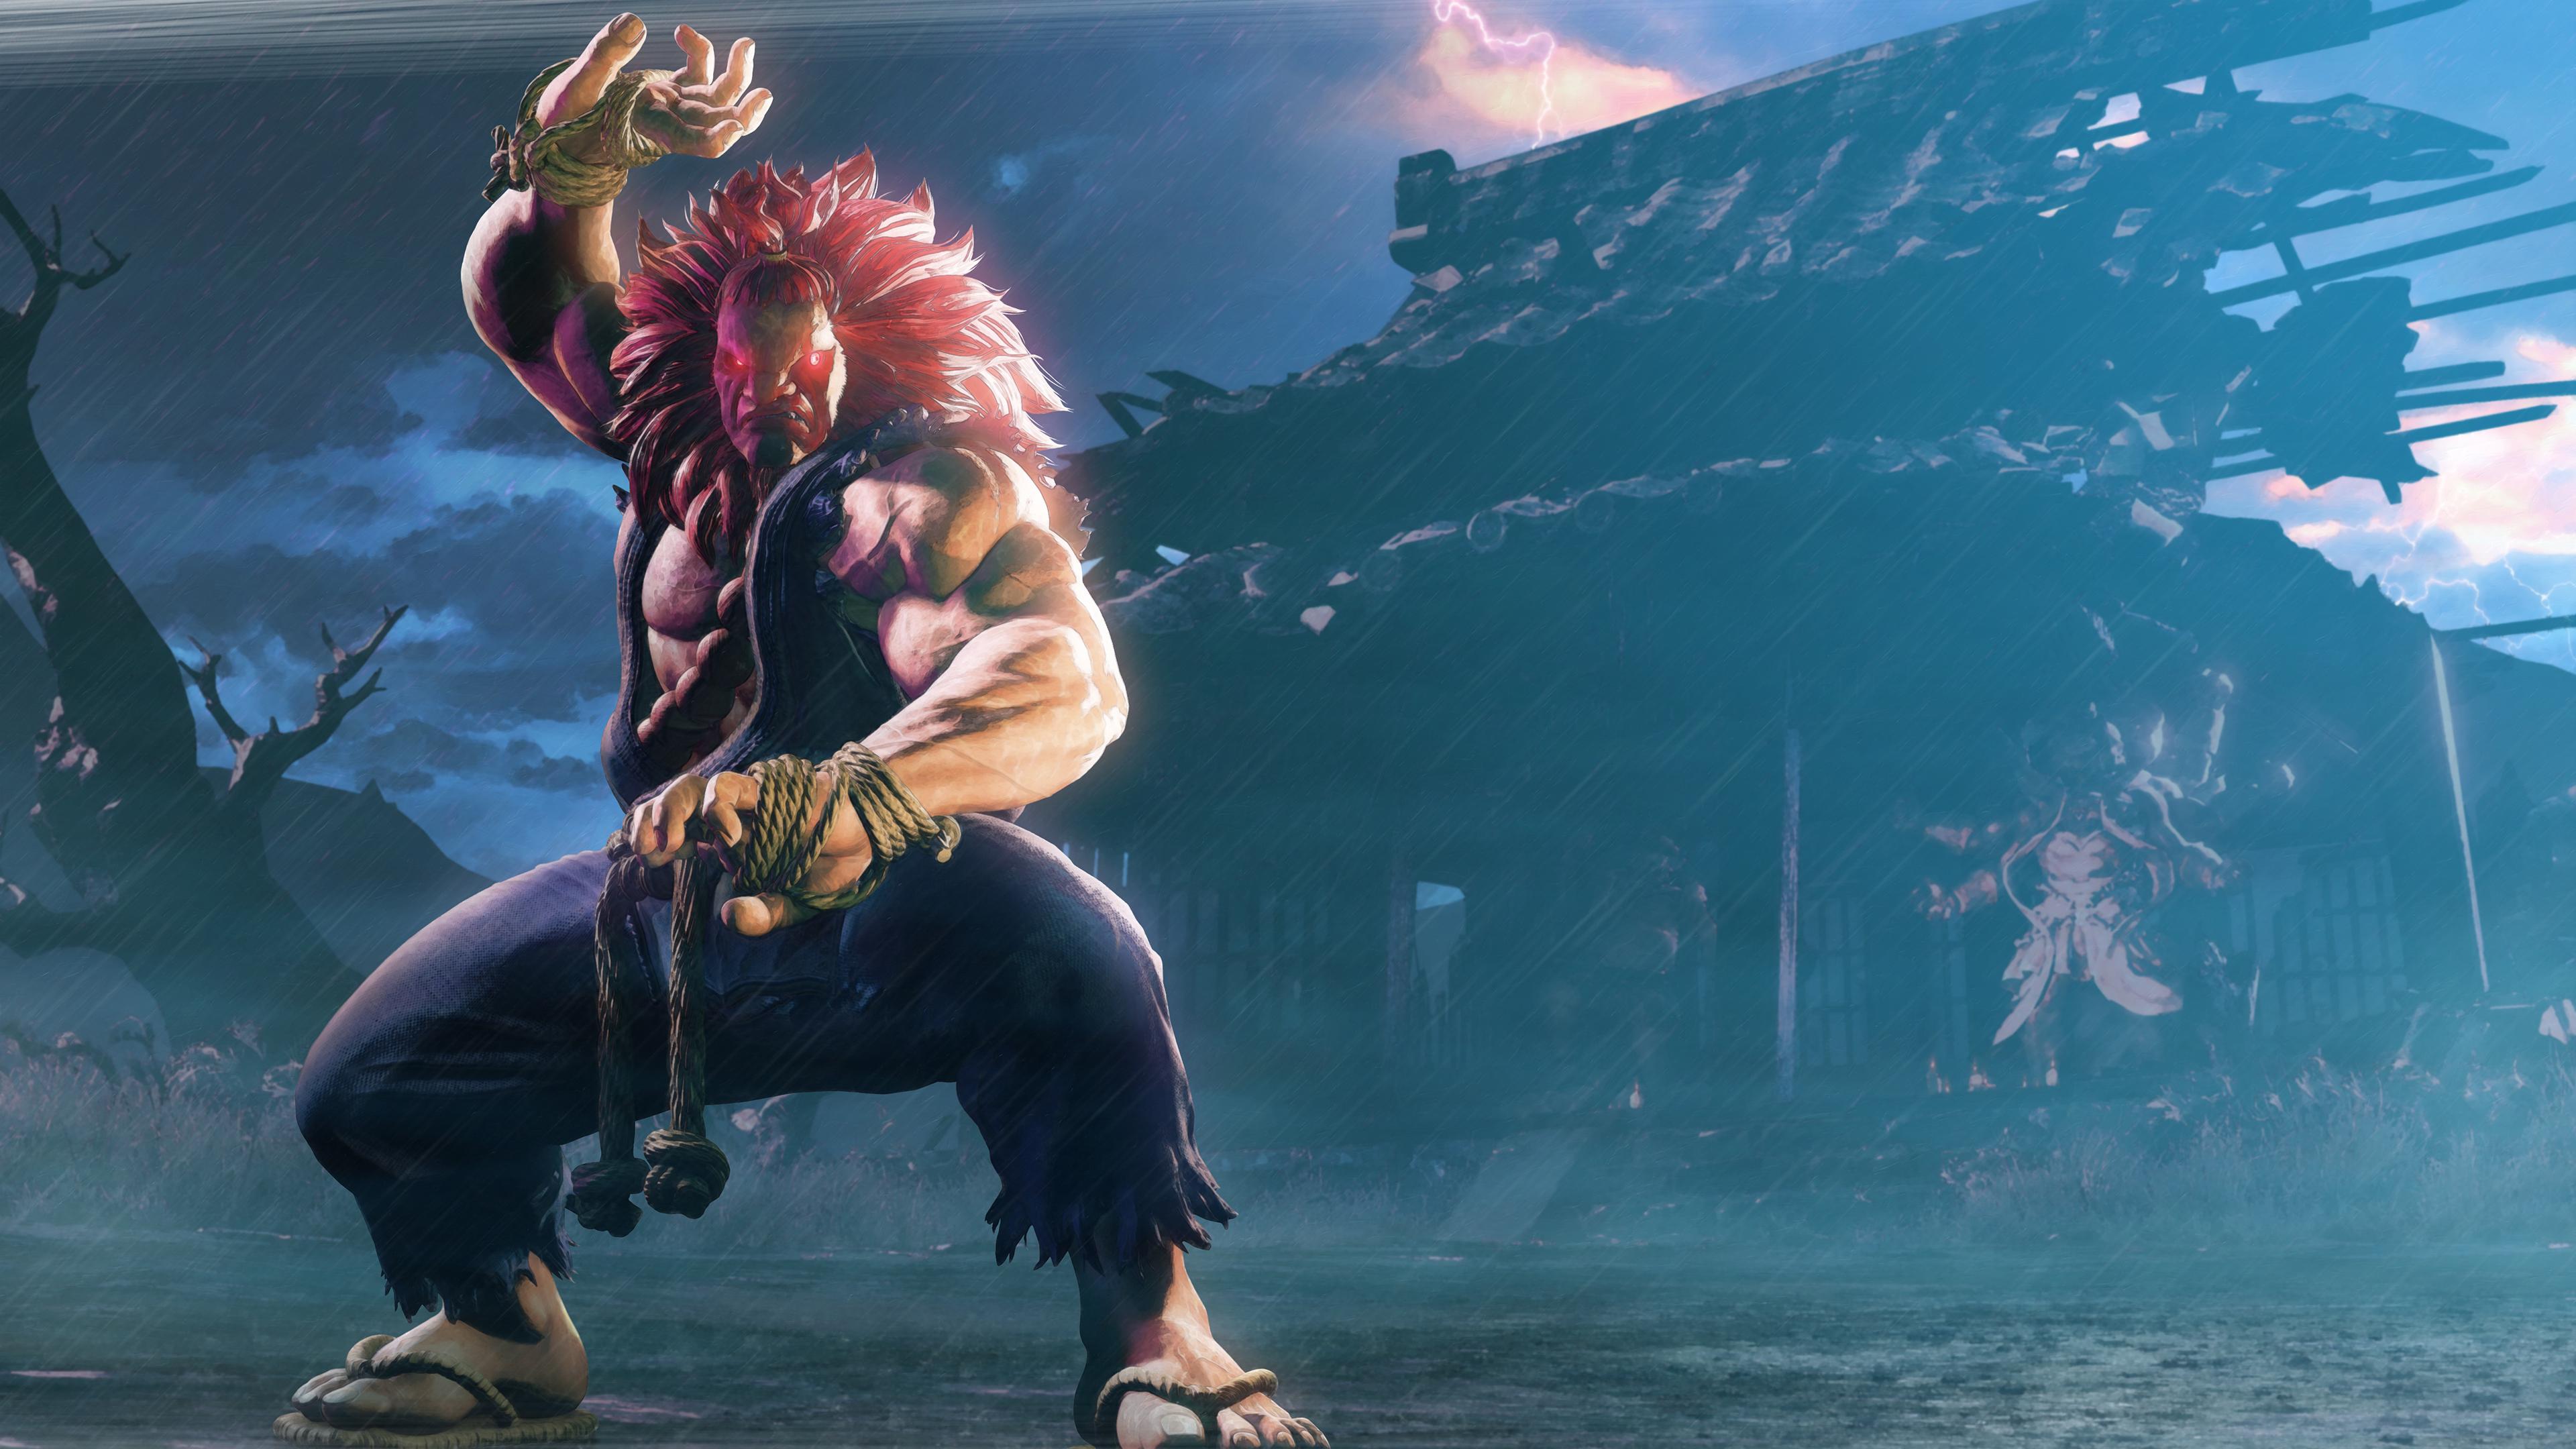 Street fighter v akuma - Akuma oni wallpaper ...